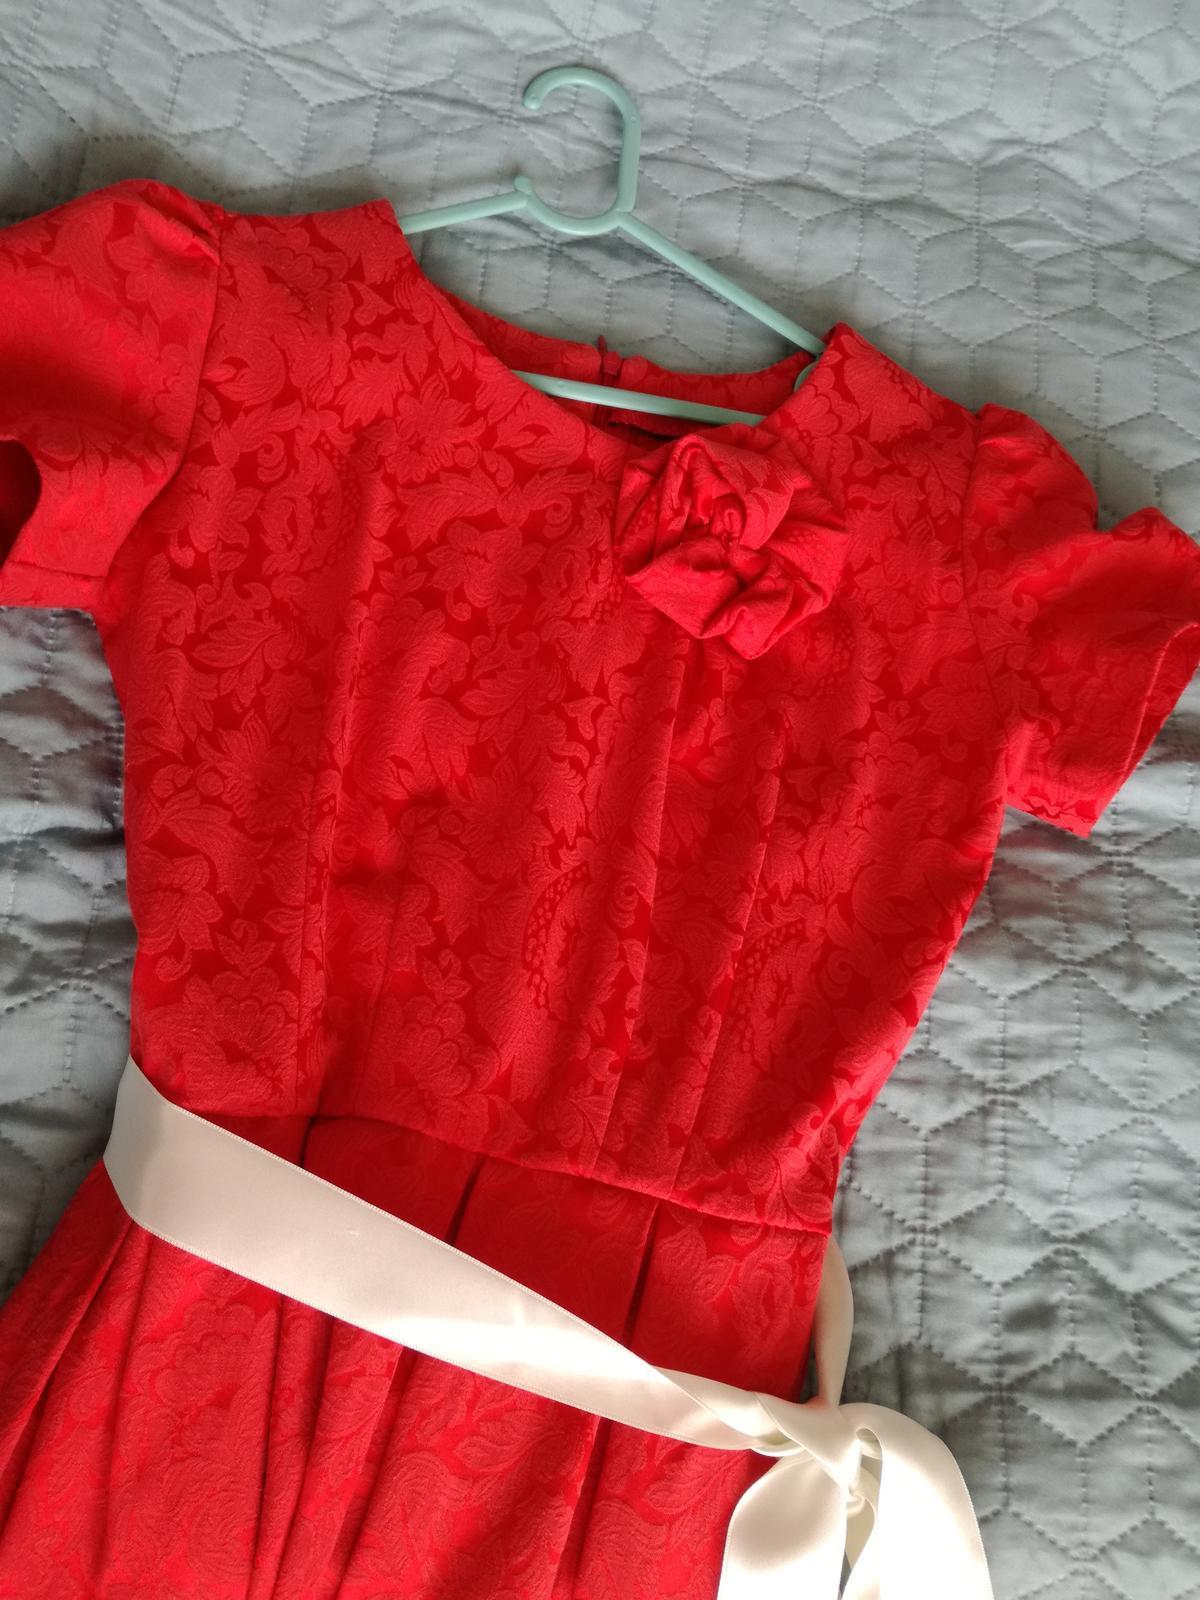 Šaty na redovy tanec - Obrázok č. 2